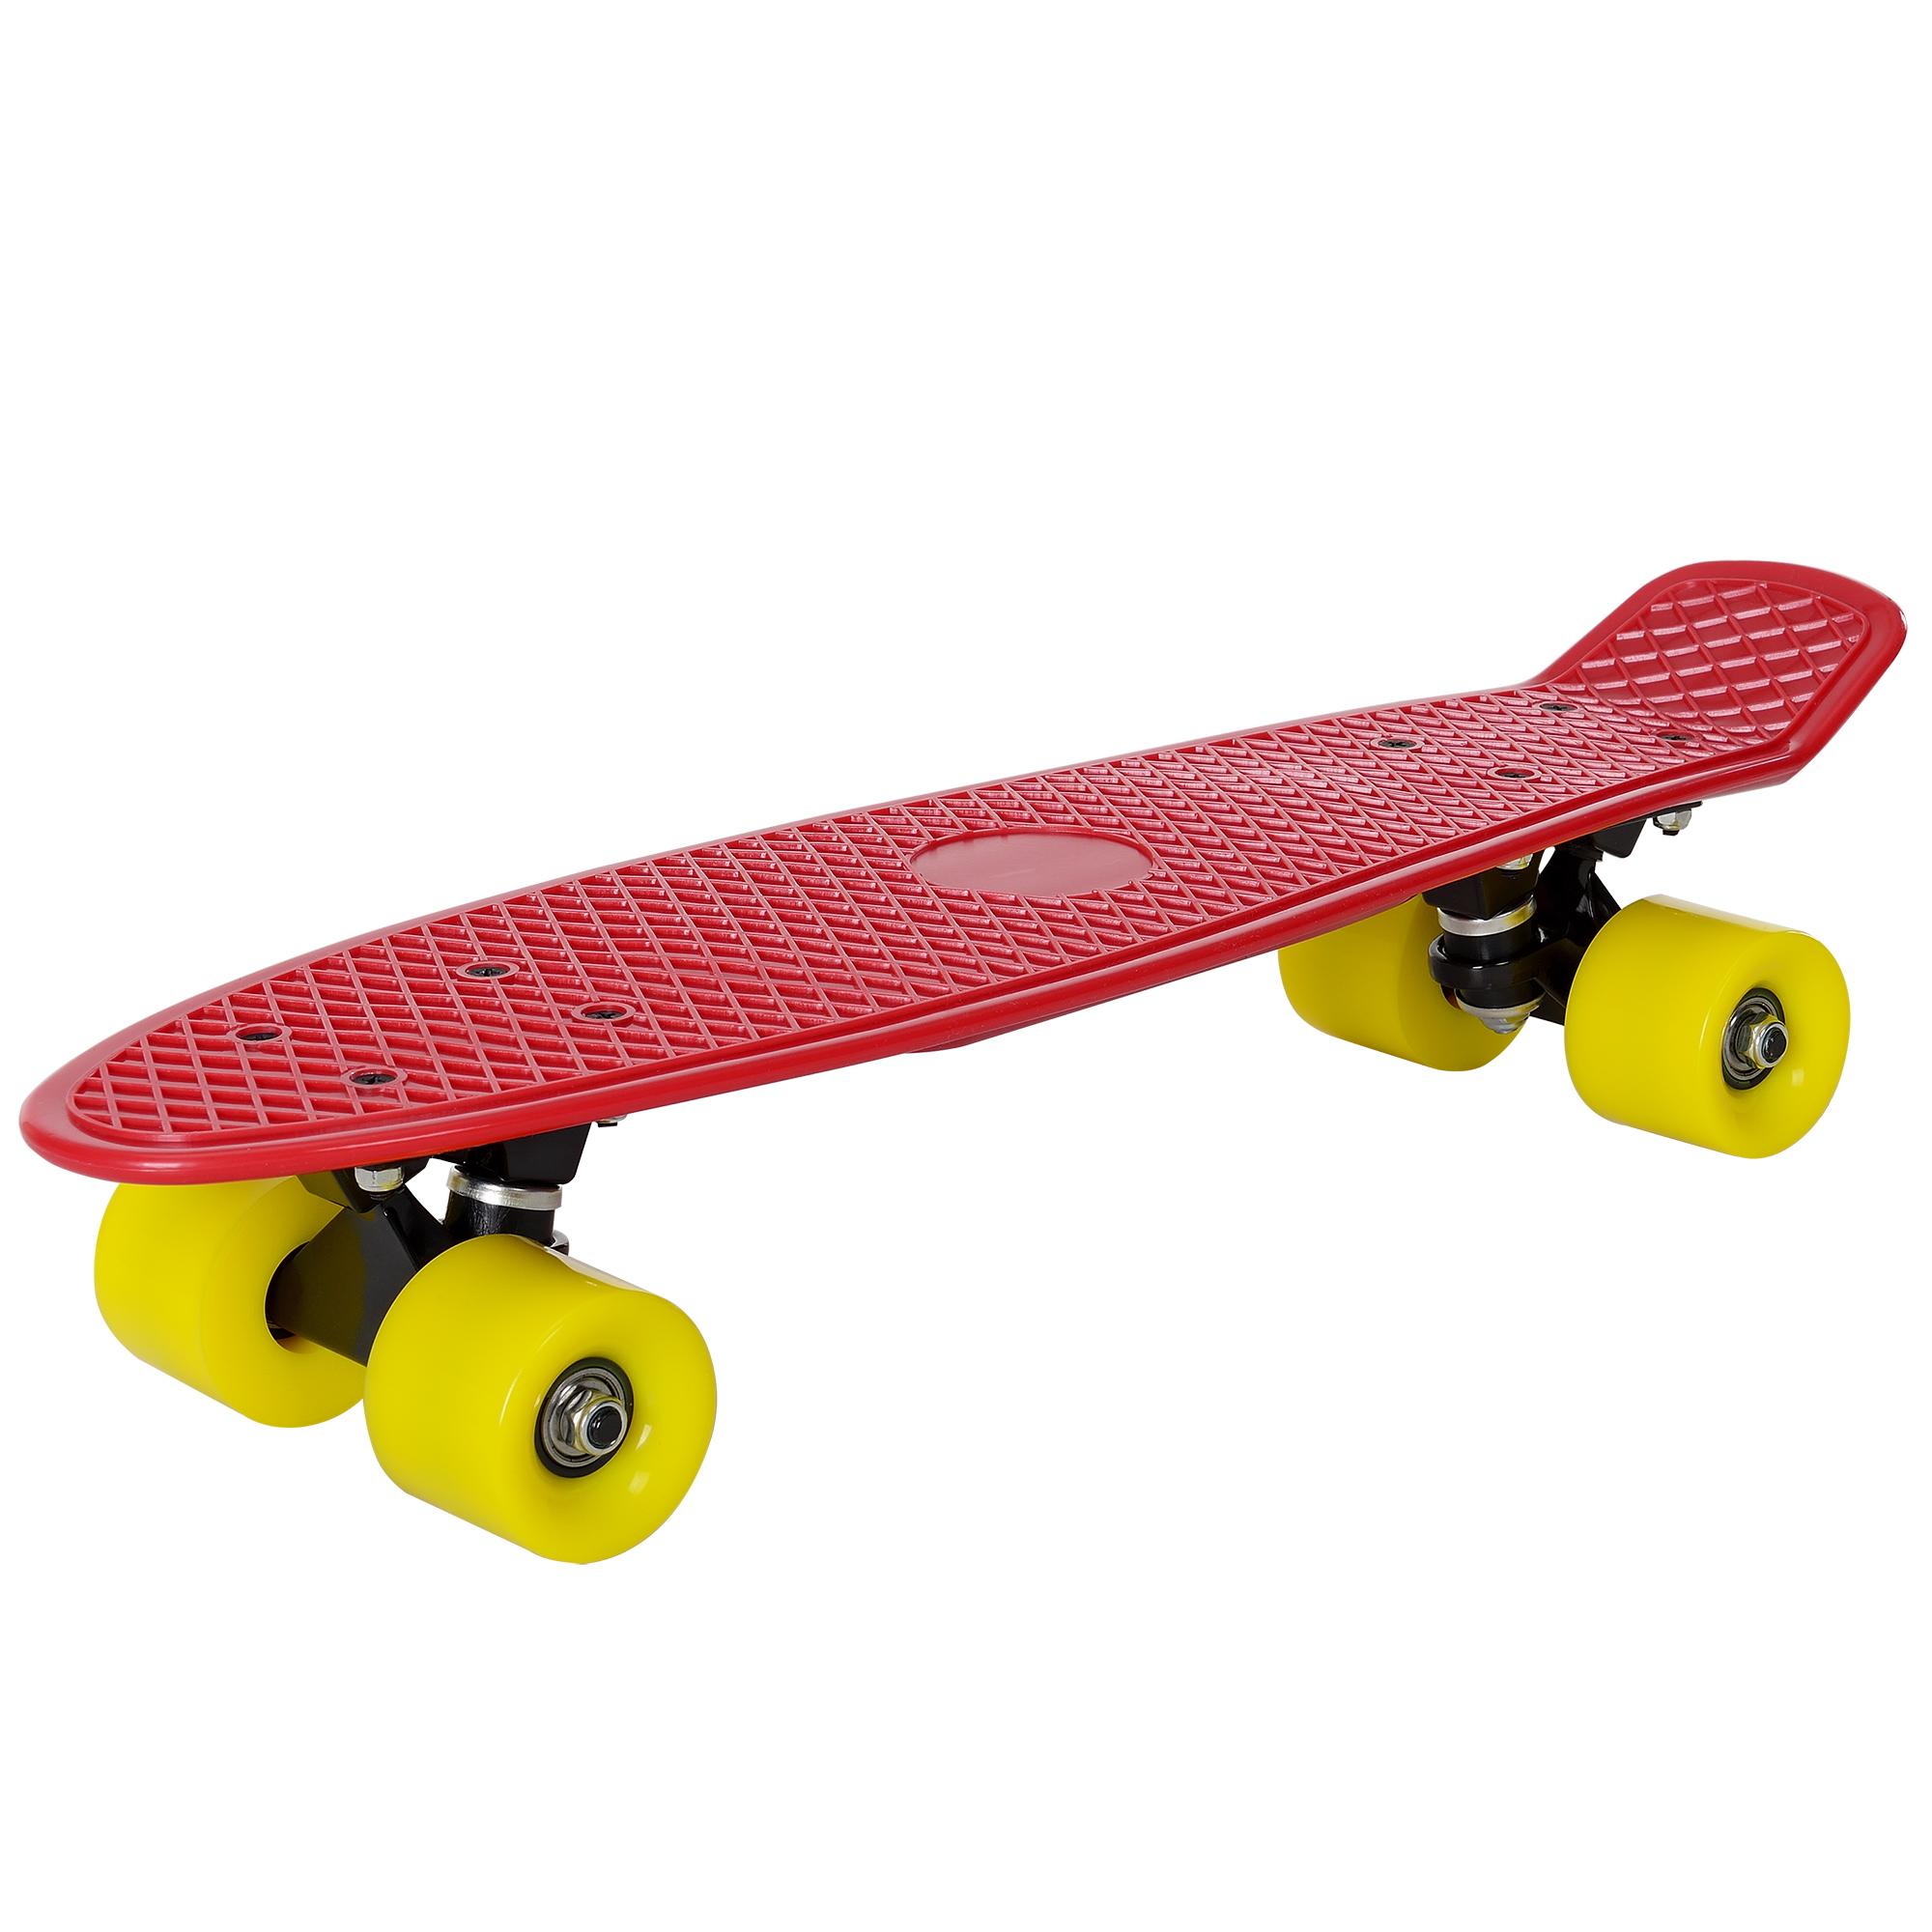 [pro.tec]® Retro Skateboard mini - penny board ABEC 7 - červená se žlutými válečky